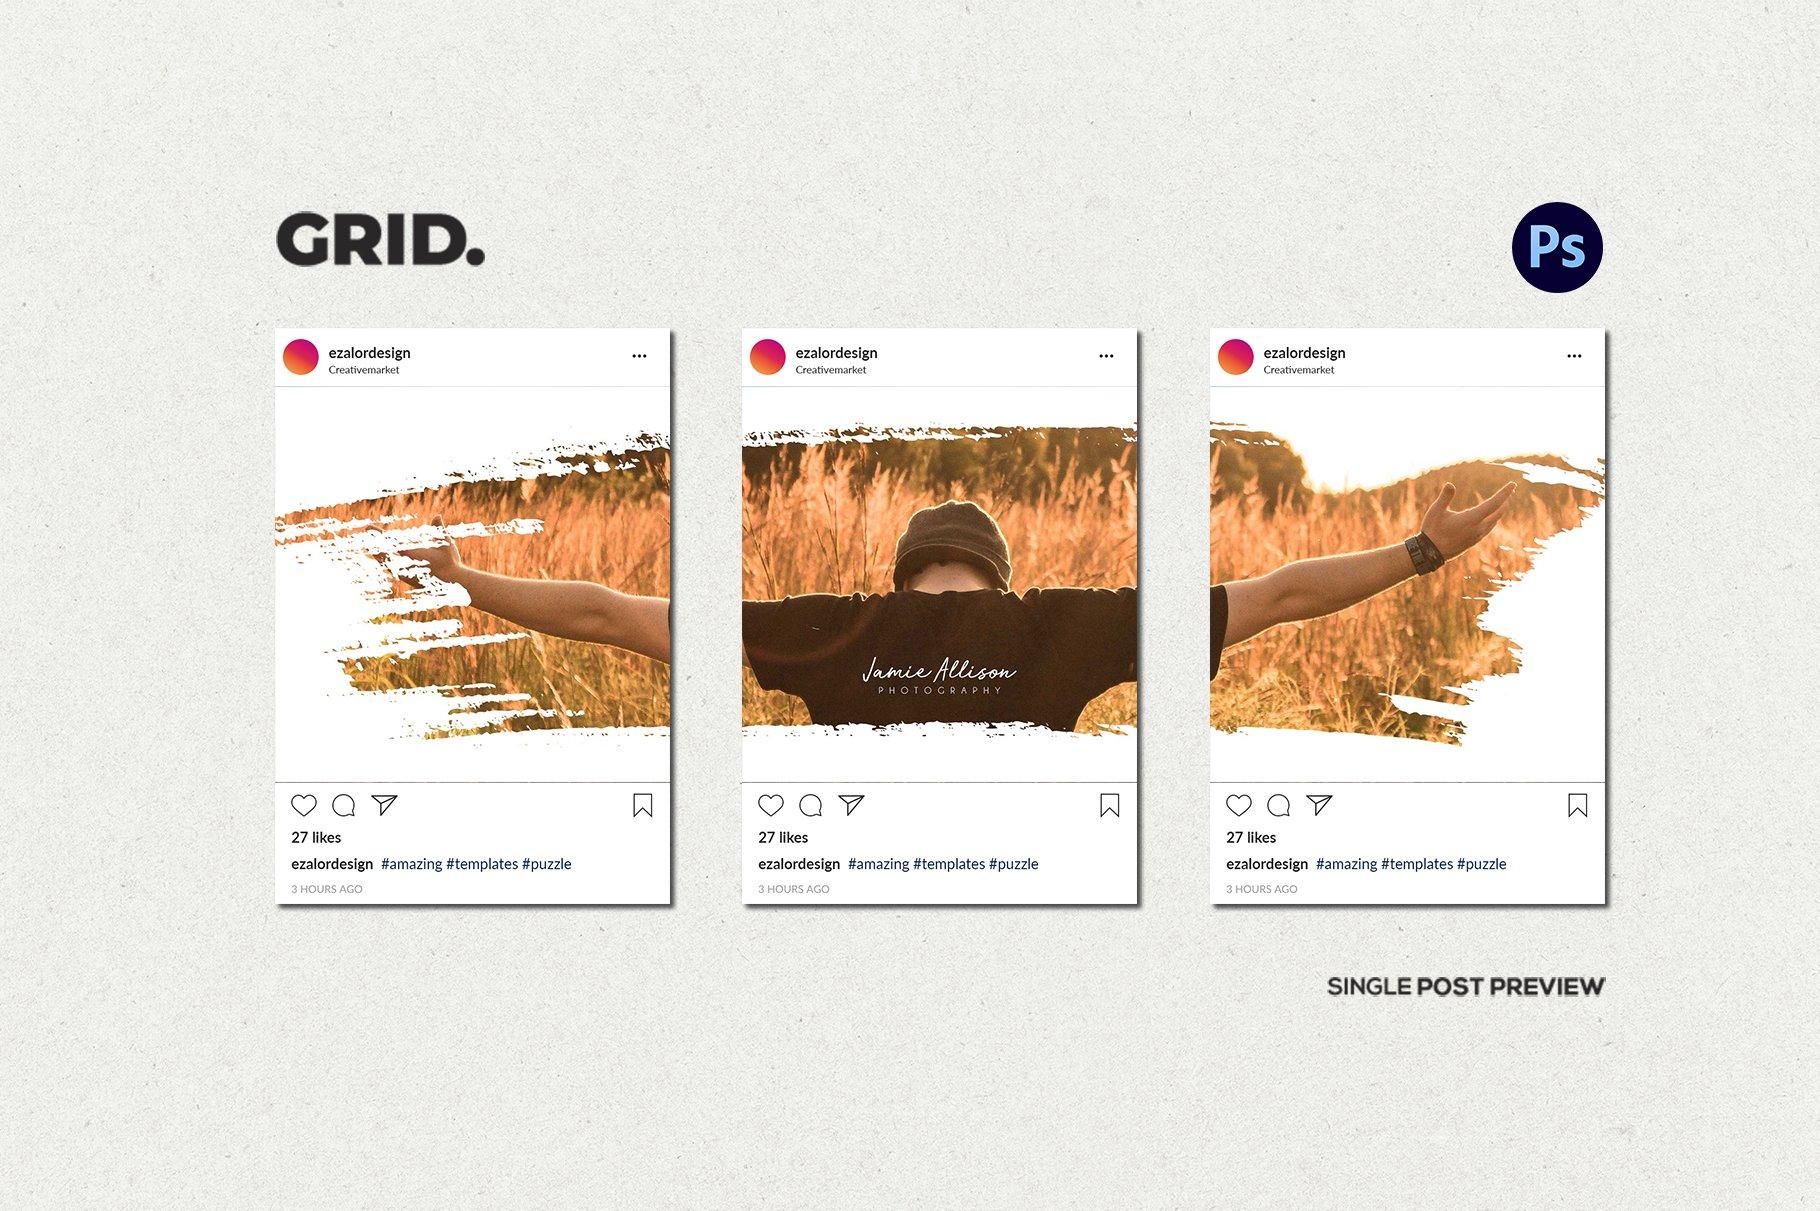 毛笔笔刷效果新媒体电商海报设计PSD模板 Agenda Insta Grid (Triple Posts)插图(5)